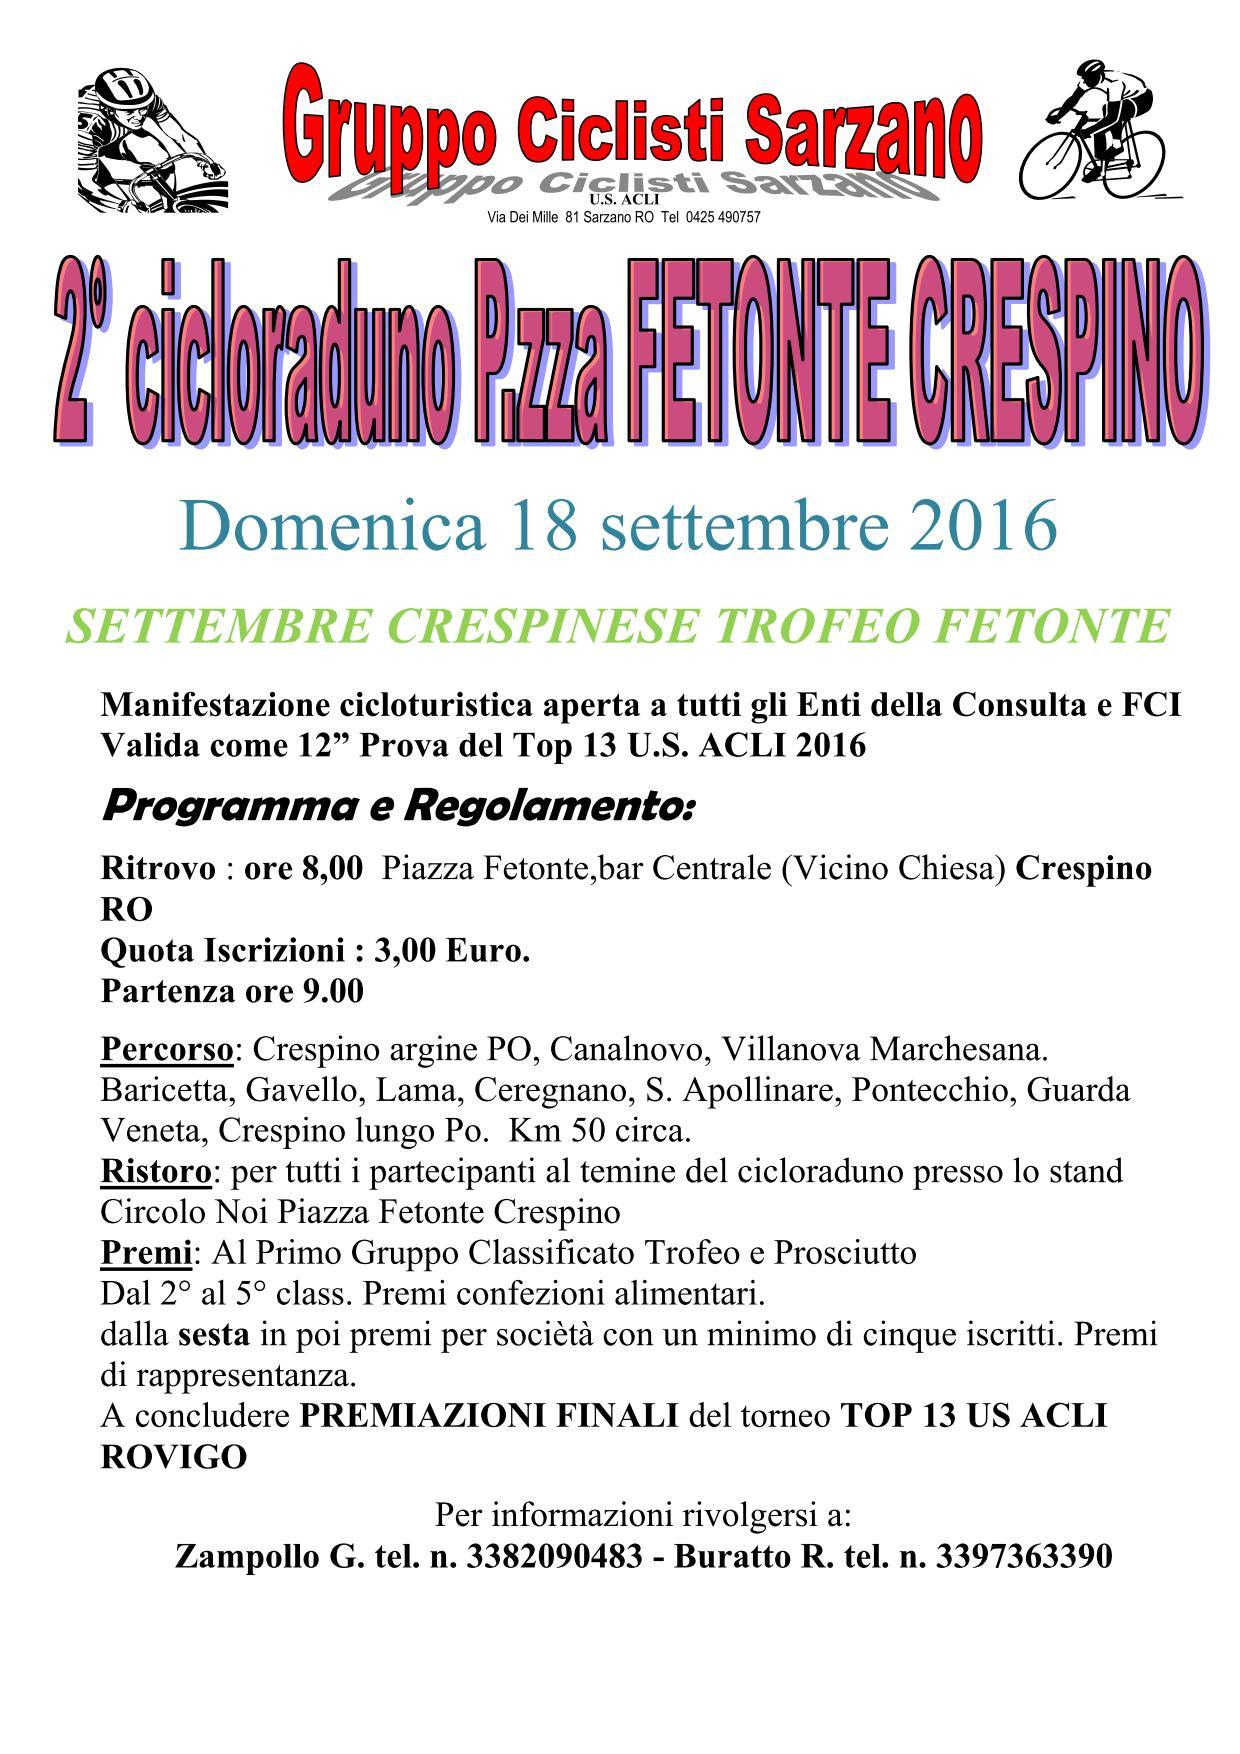 raduno crespino 18-09-2016